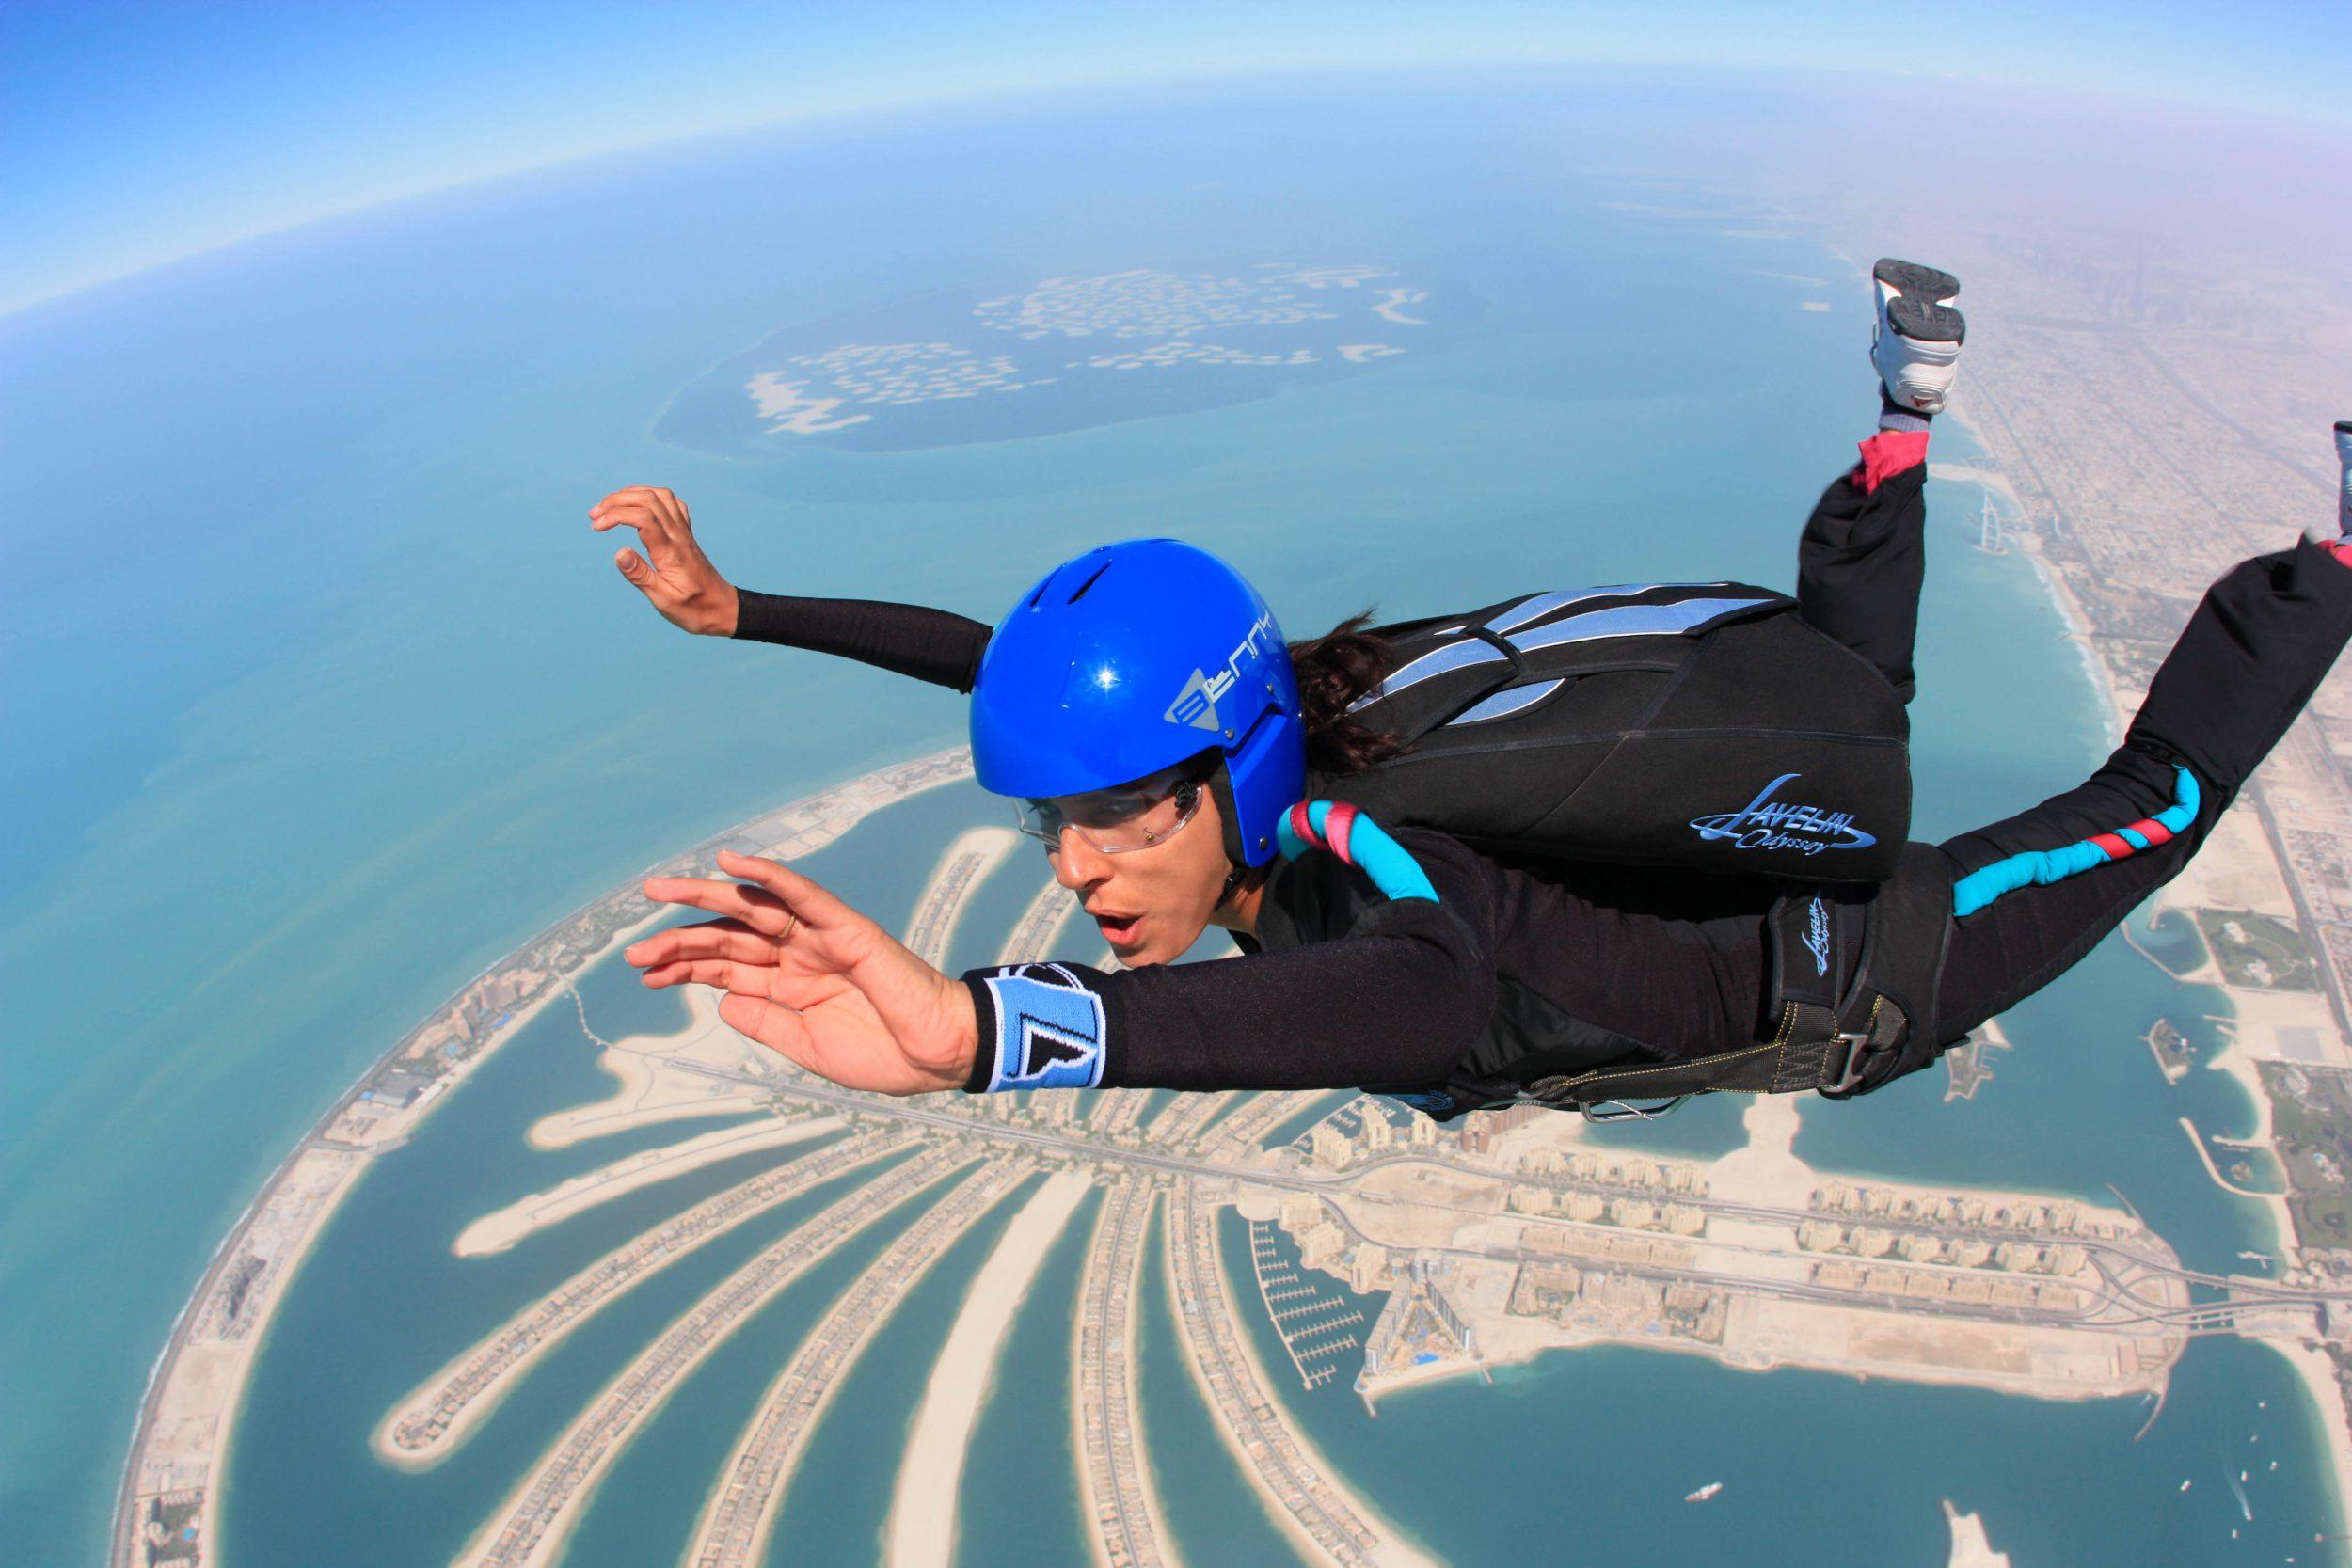 Skydiving in Dubai.